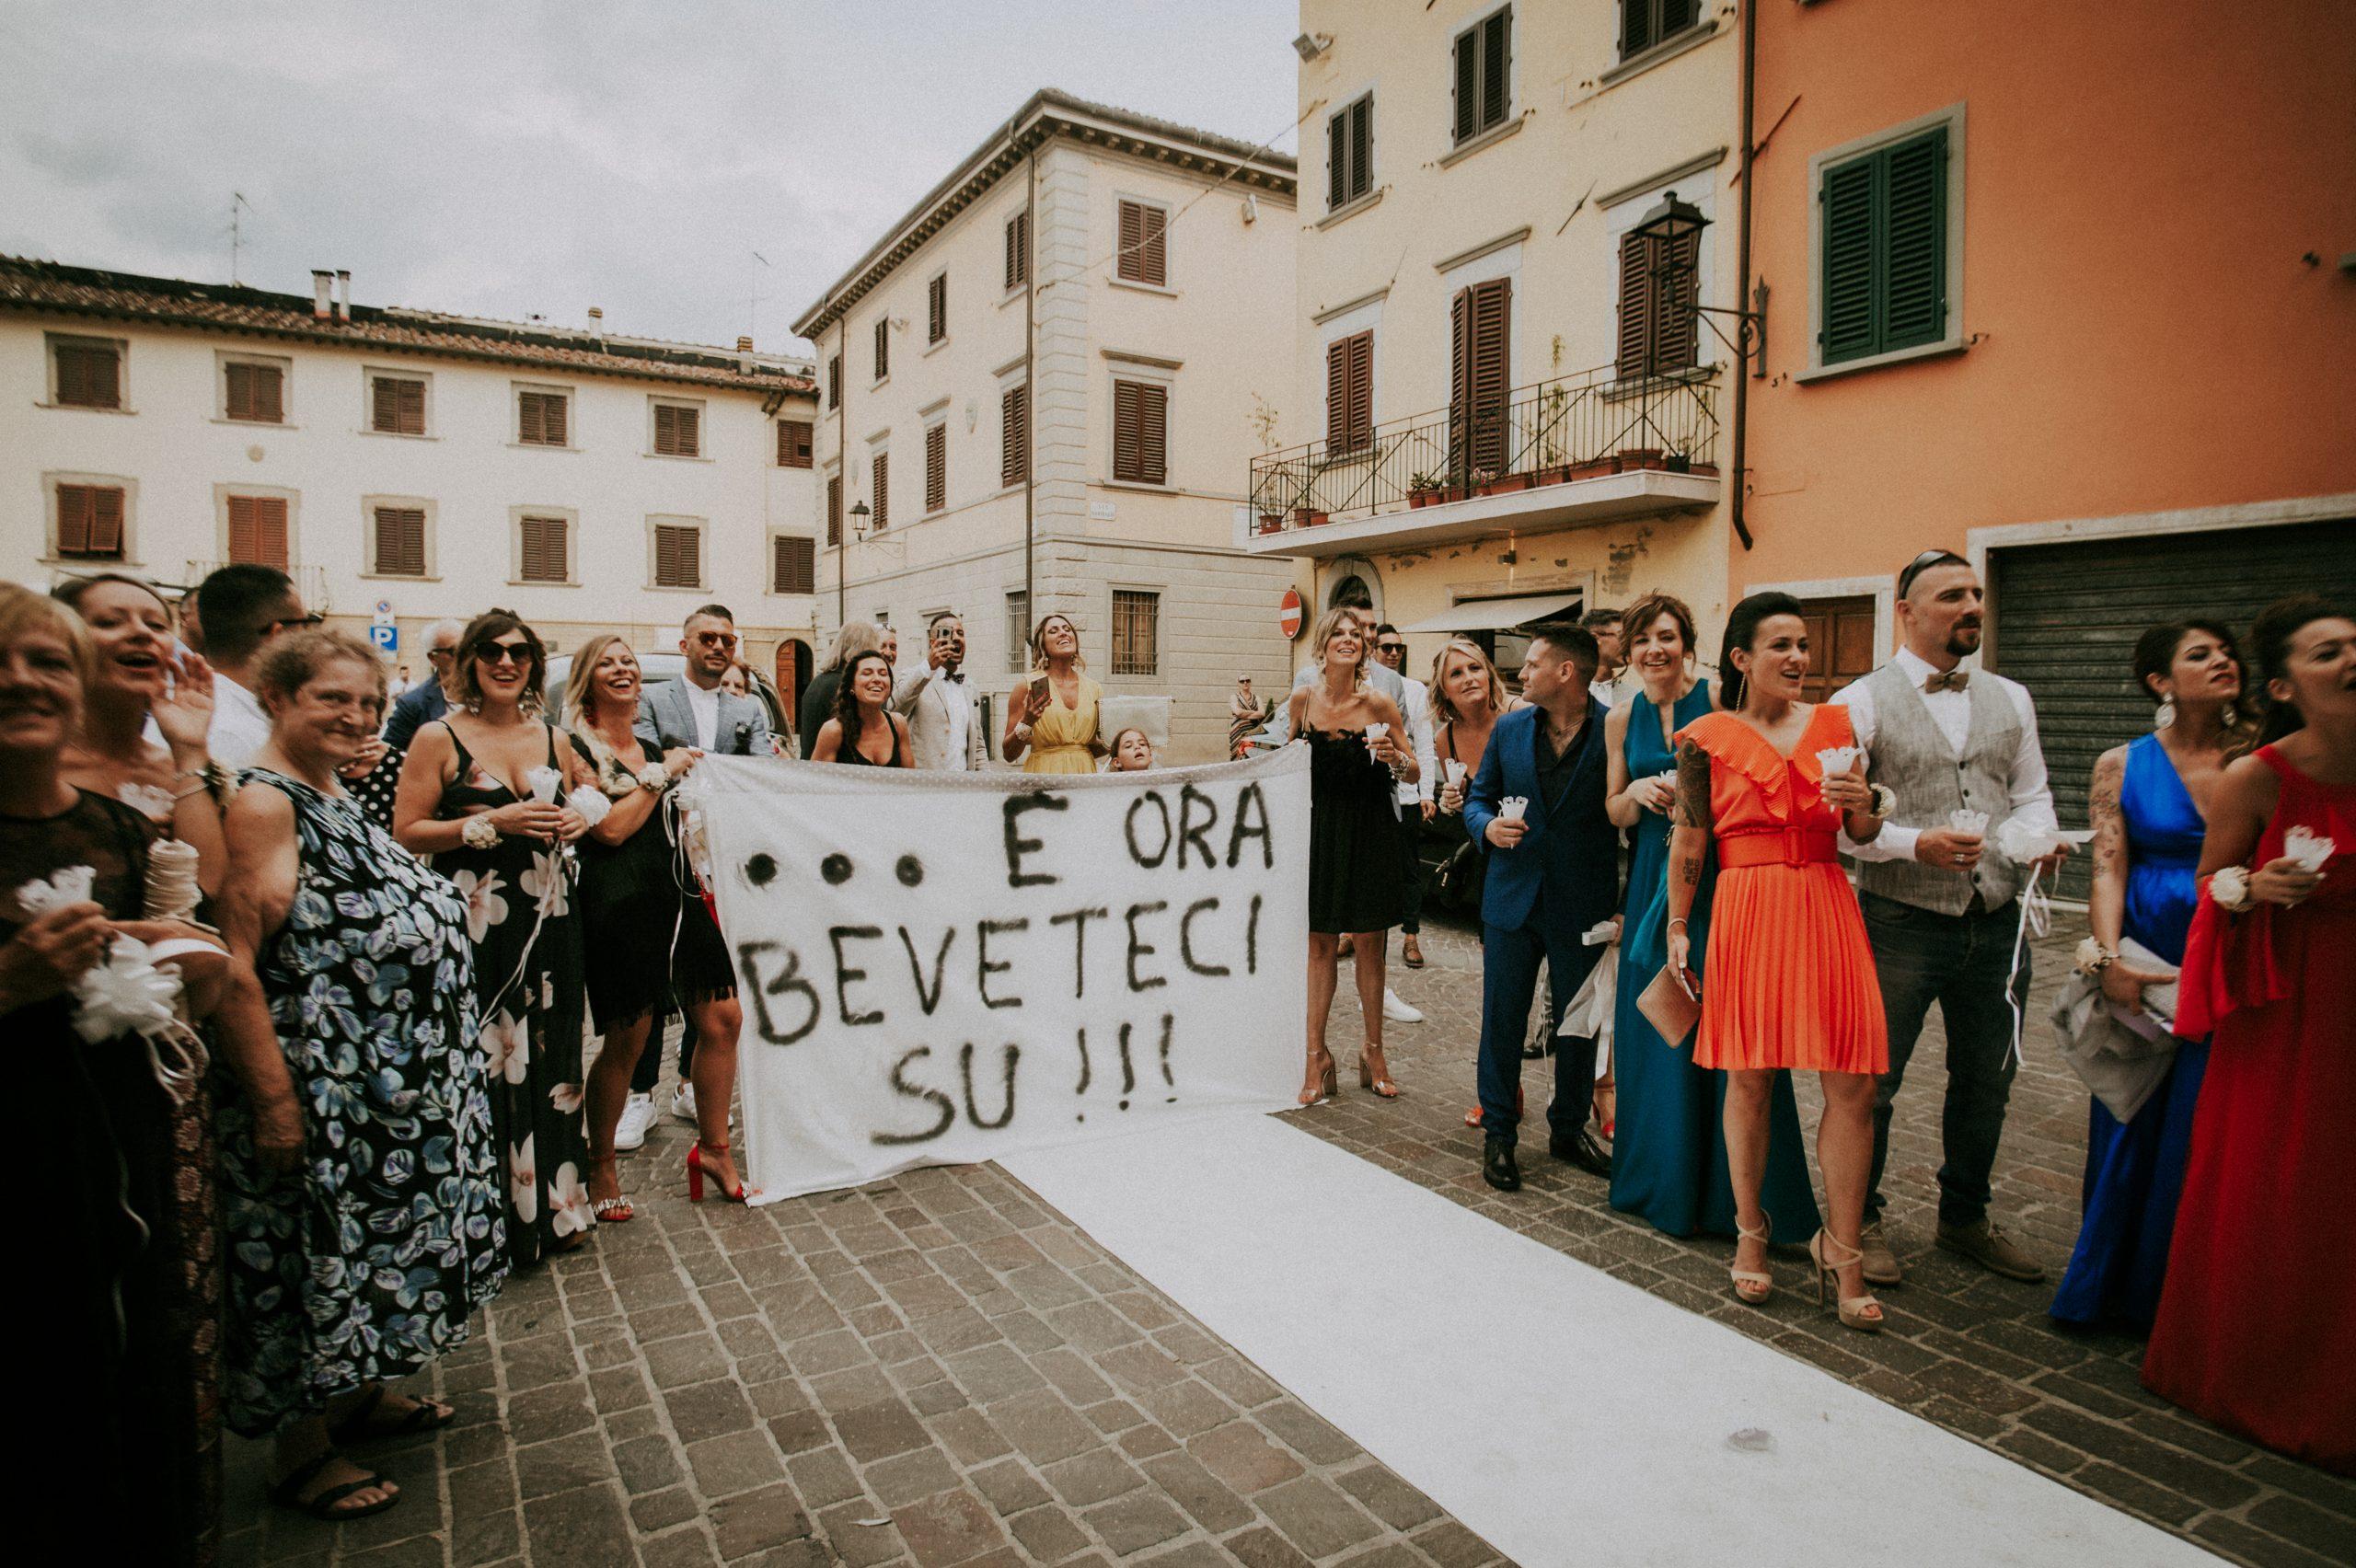 amici degli sposi davanti alla chiesa di Vicchio con gli striscioni